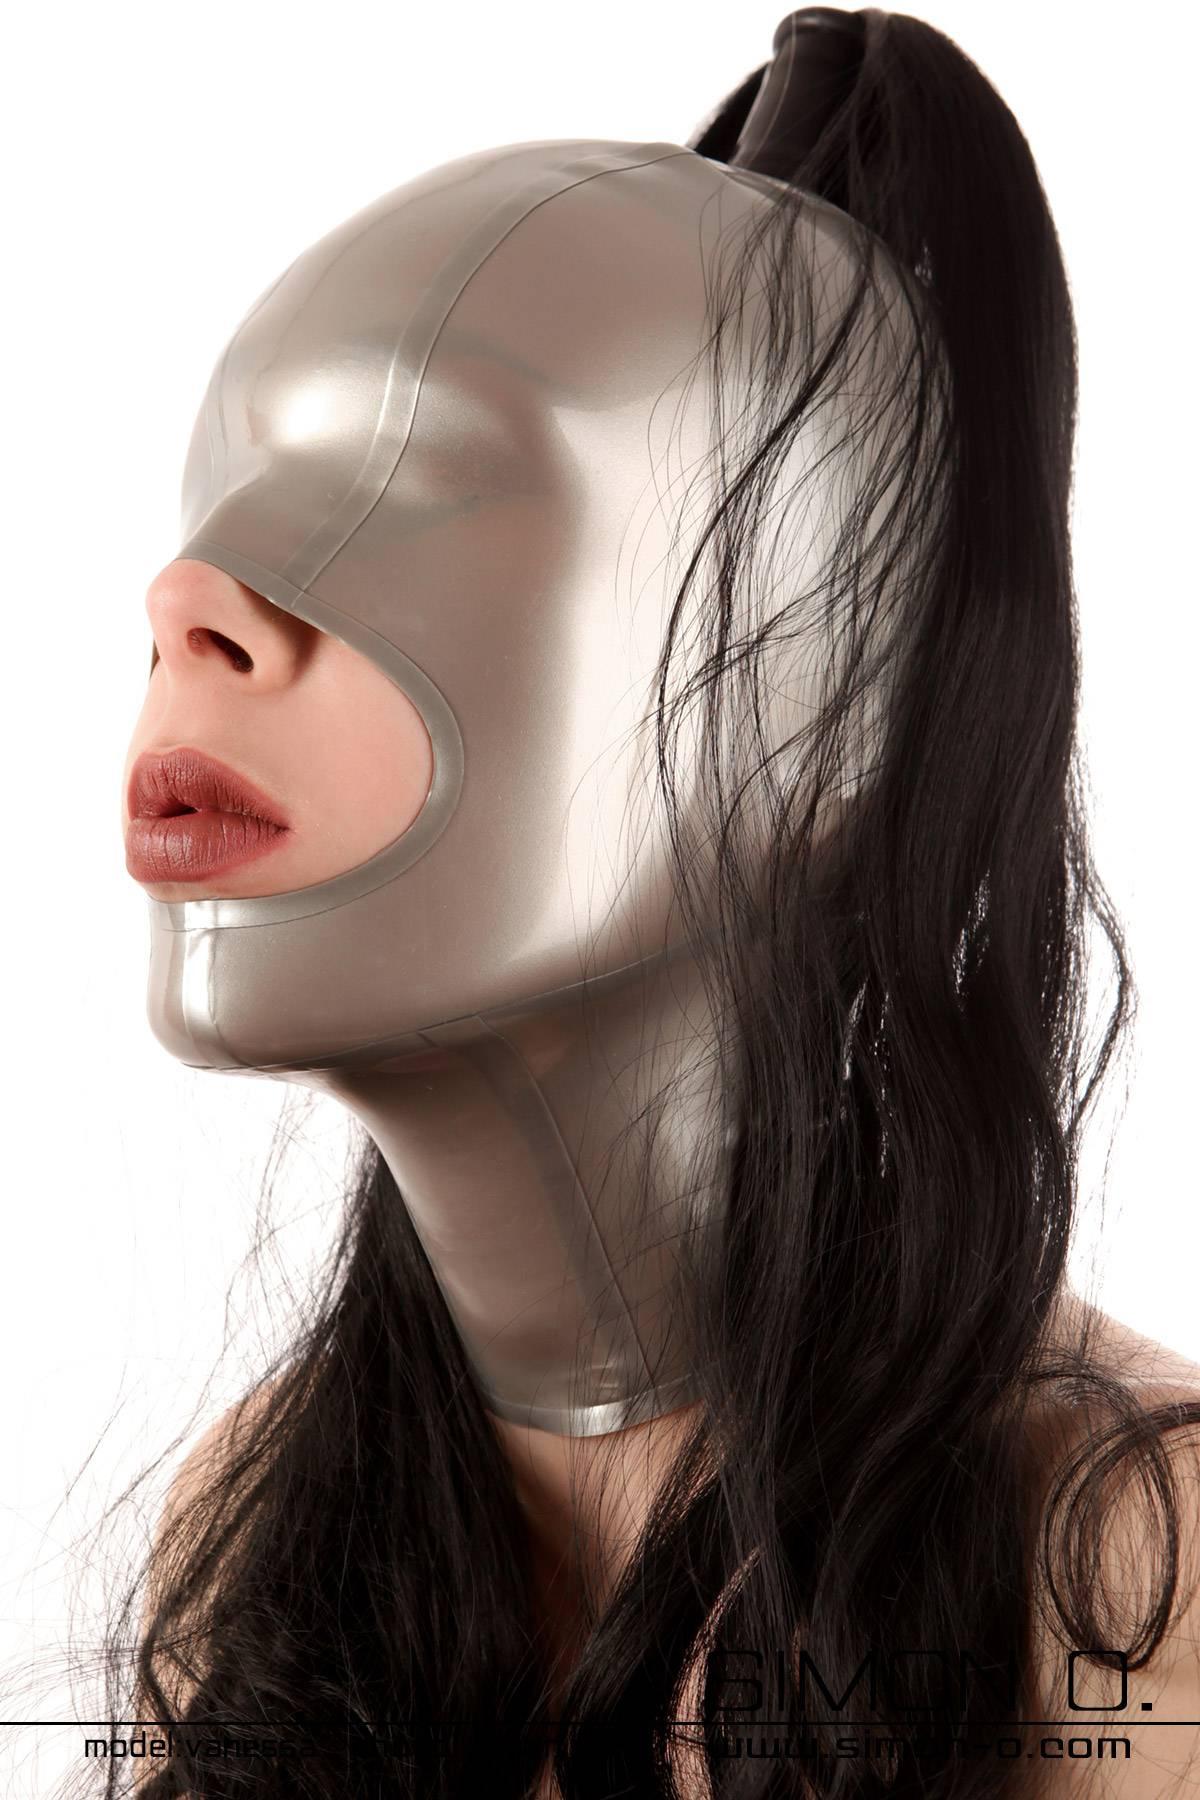 Latex Maske mit großzügiger Mundöffnung vorbereitet für 1 Haarteil Mit den geschlossenen Augen dieser Latex Maske erleben Sie jede Berührung intensiver. …